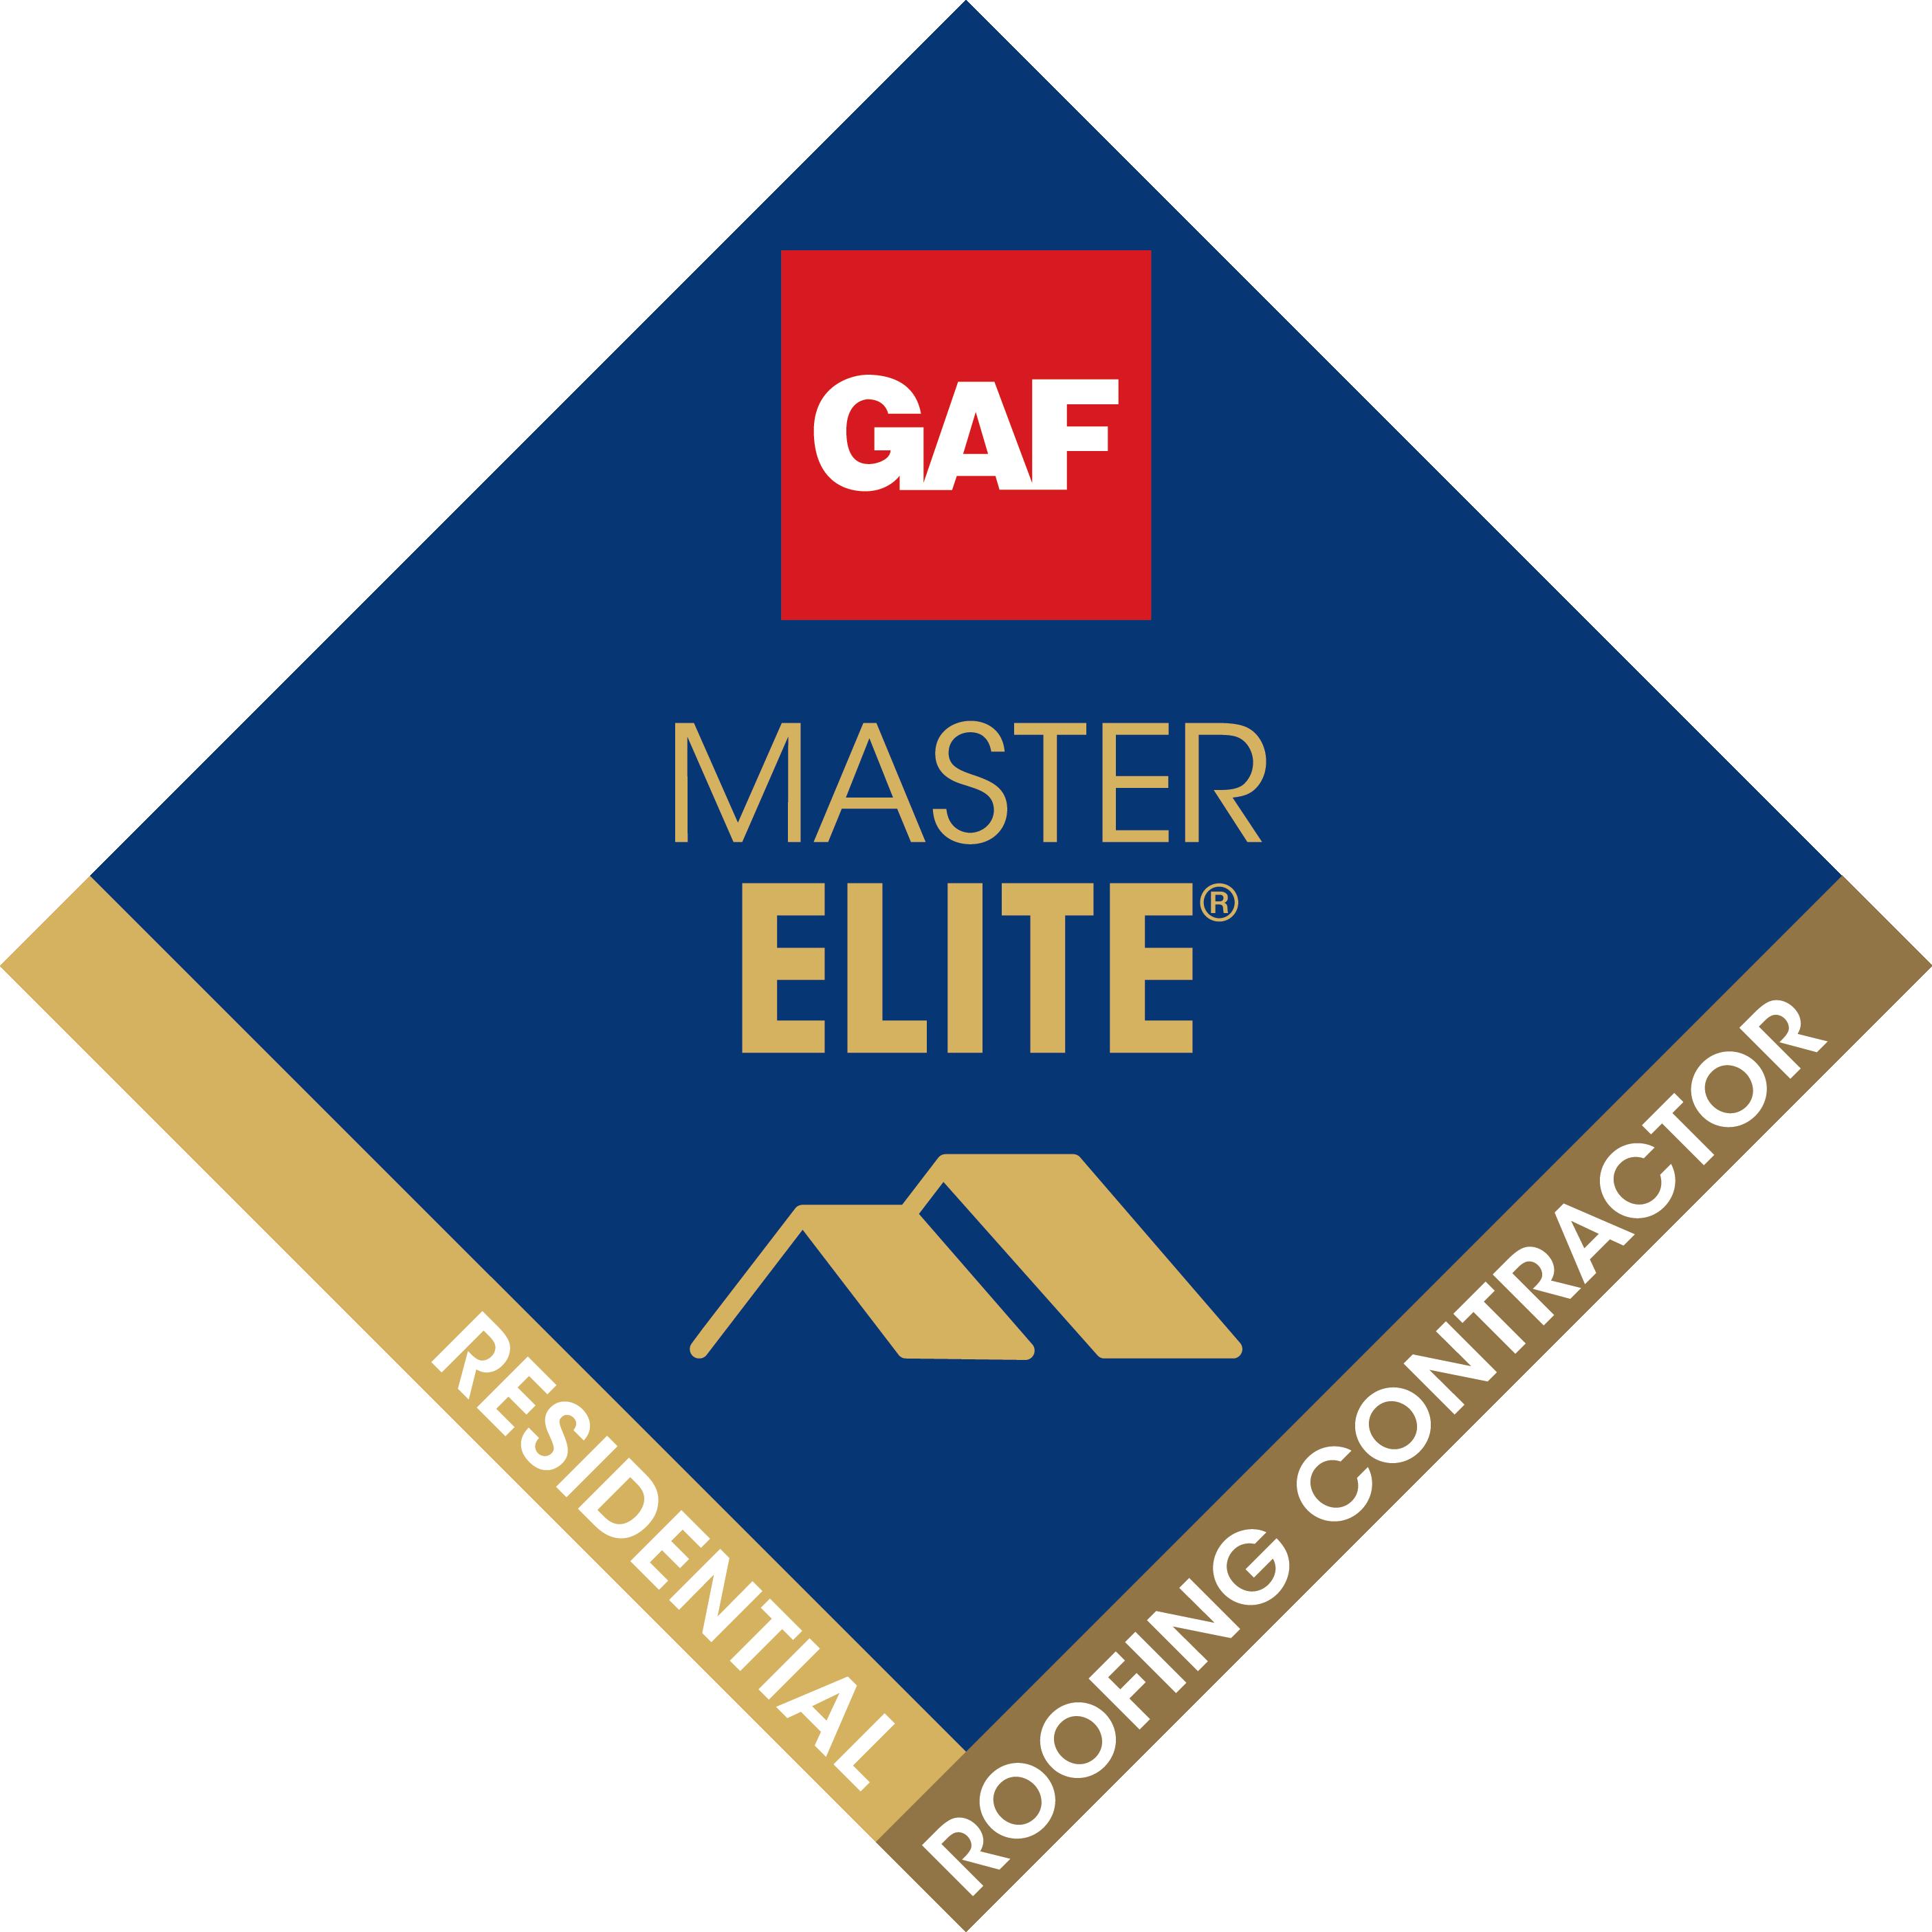 moss home improvement gaf master elite